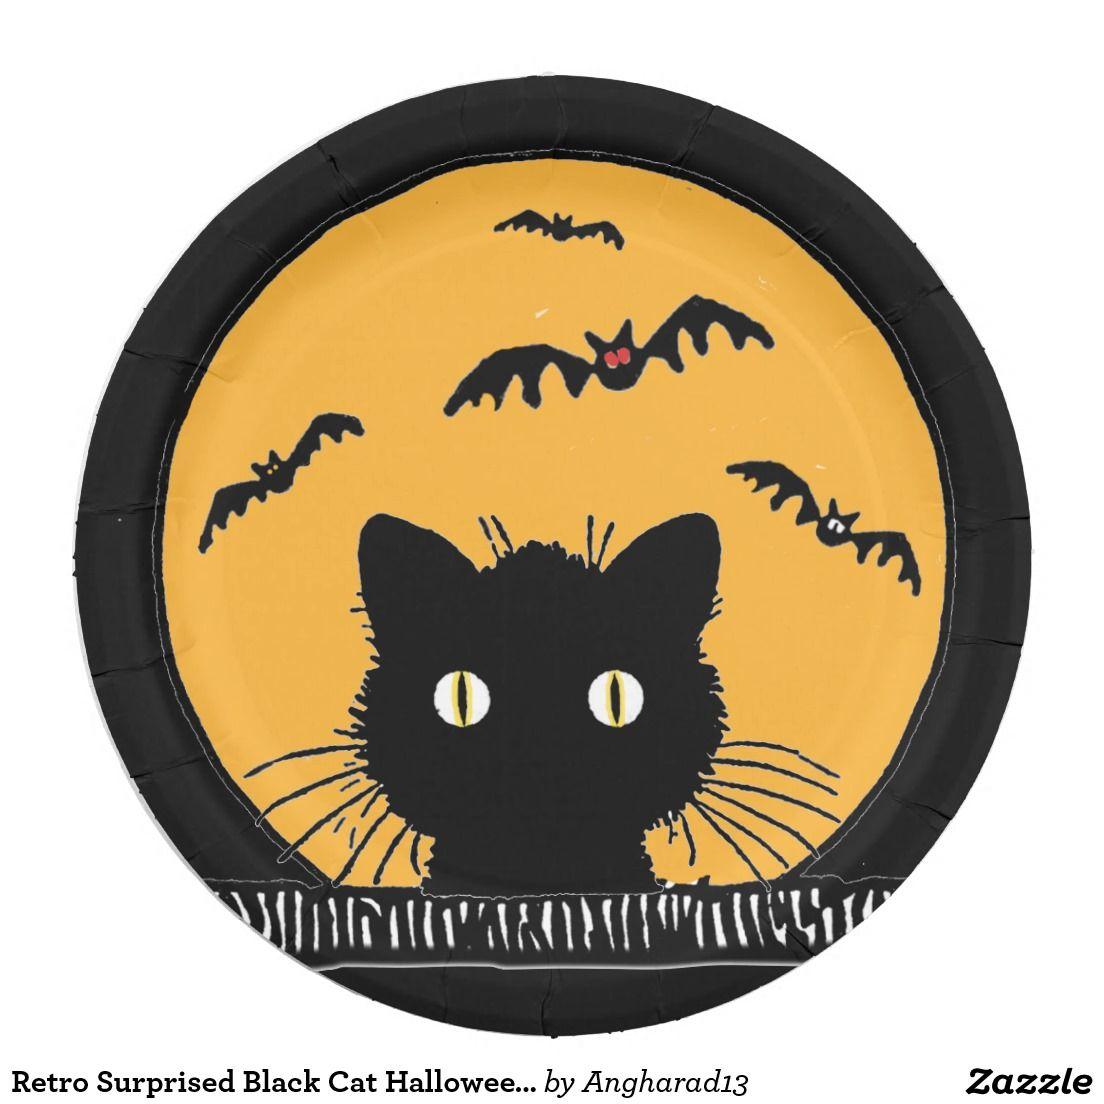 Retro Surprised Black Cat Halloween 9